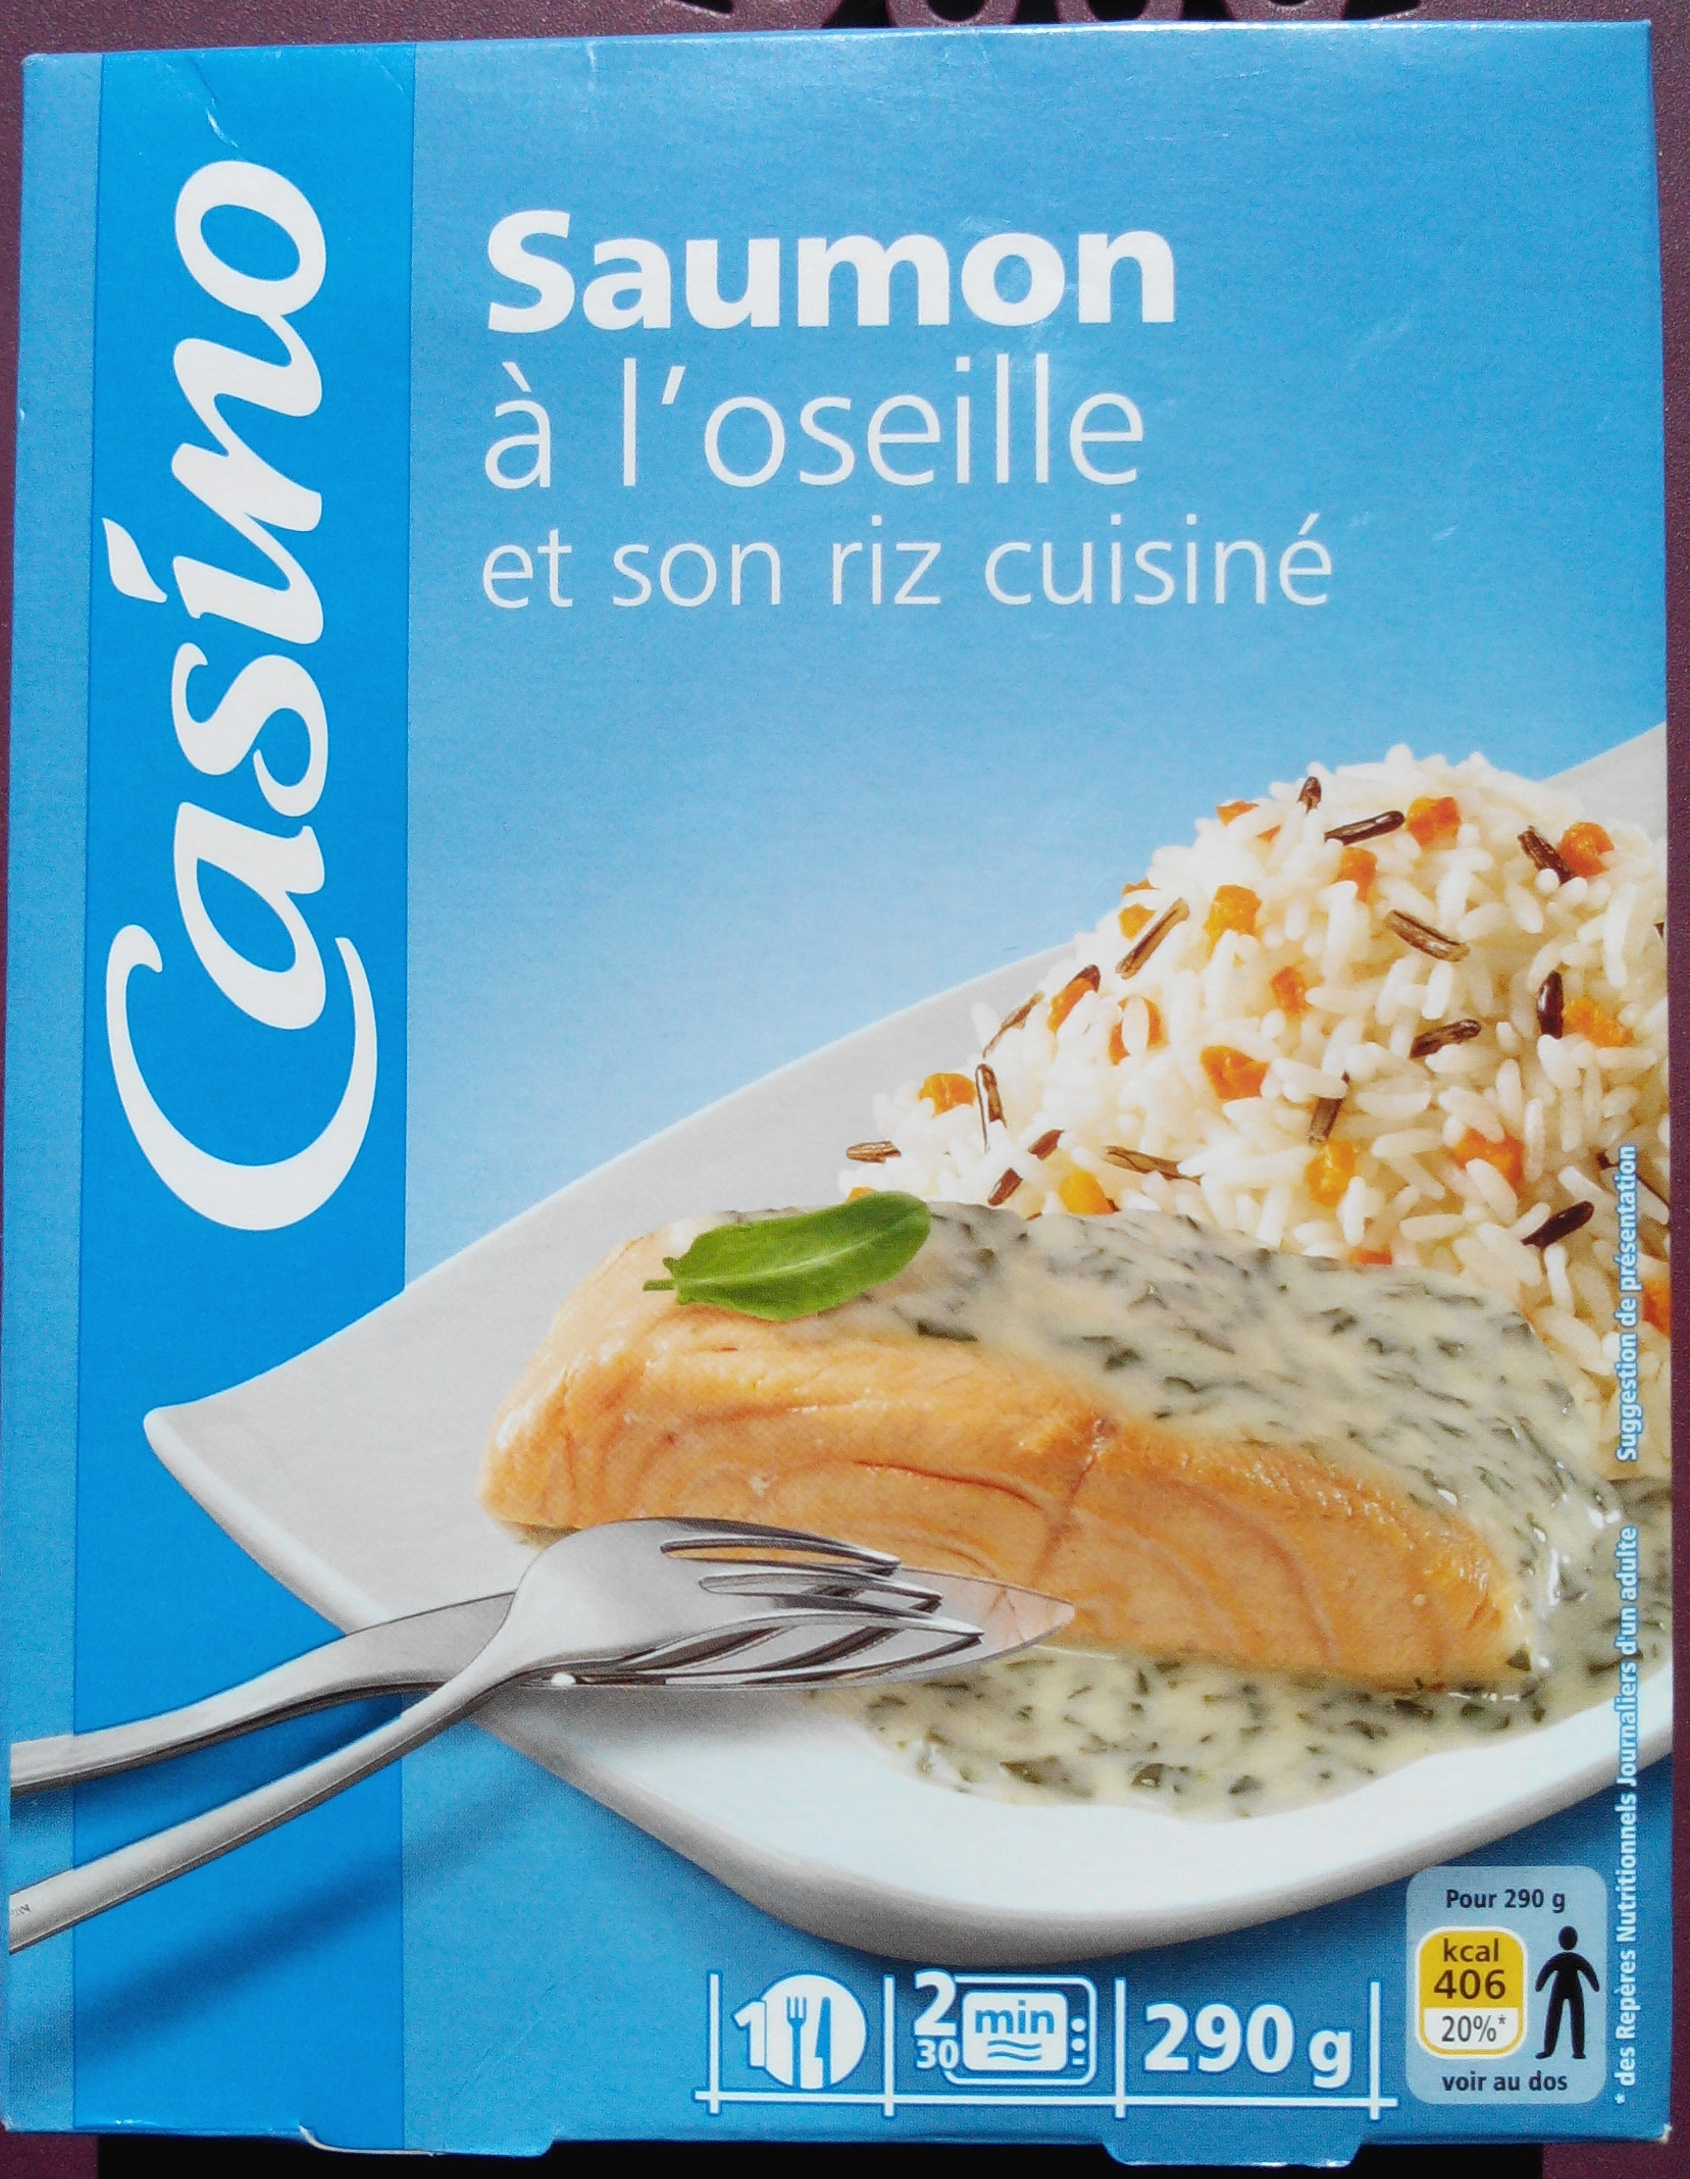 saumon à l'oseille et son riz cuisiné - casino - 290 g